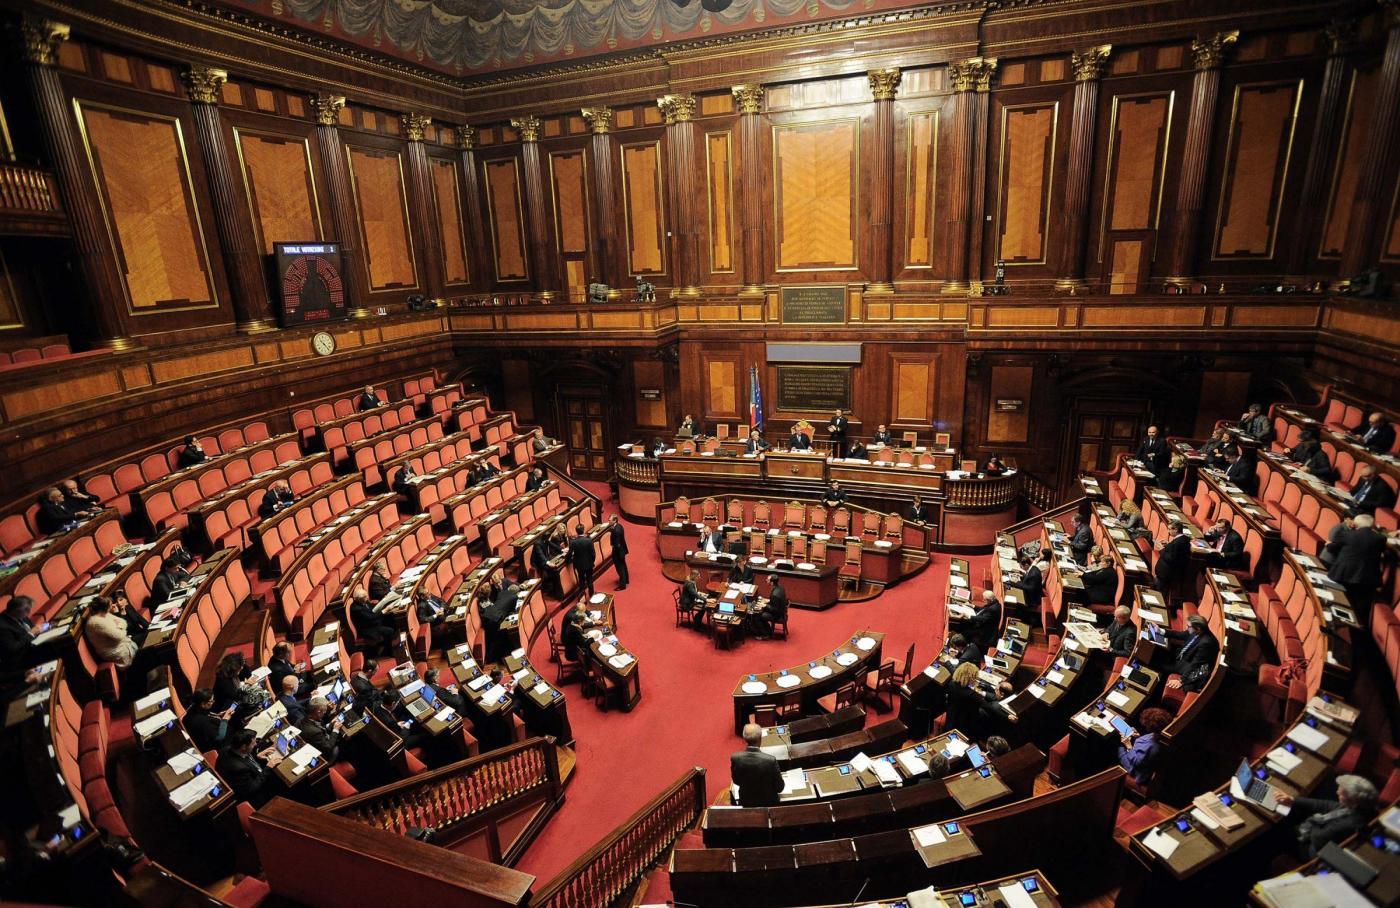 Parentopoli Parlamento italiano: consiglieri, commessi e segretari sono tutti imparentati